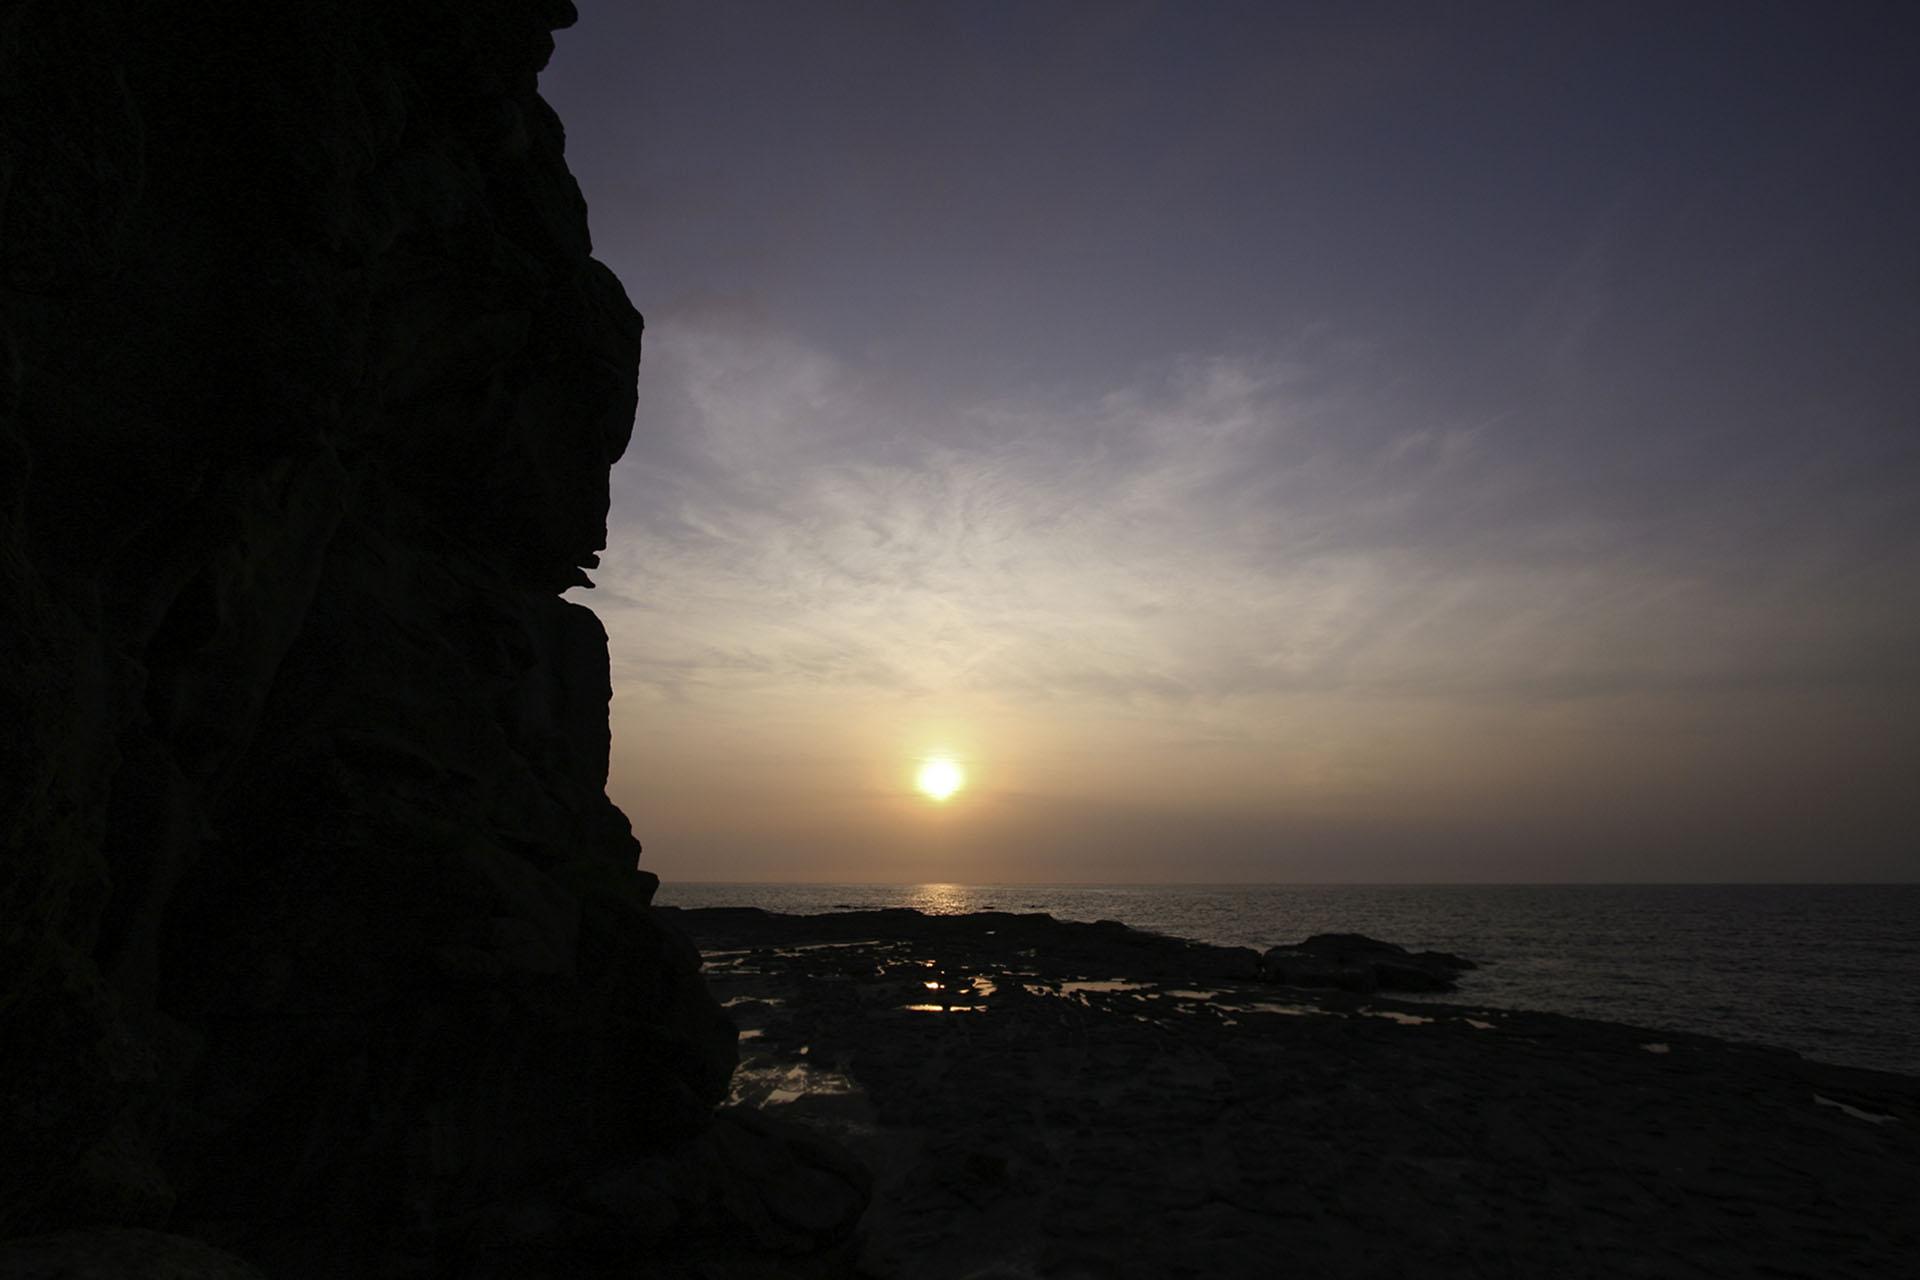 夕暮れの千畳敷 千畳敷の夕日の風景 青森の風景